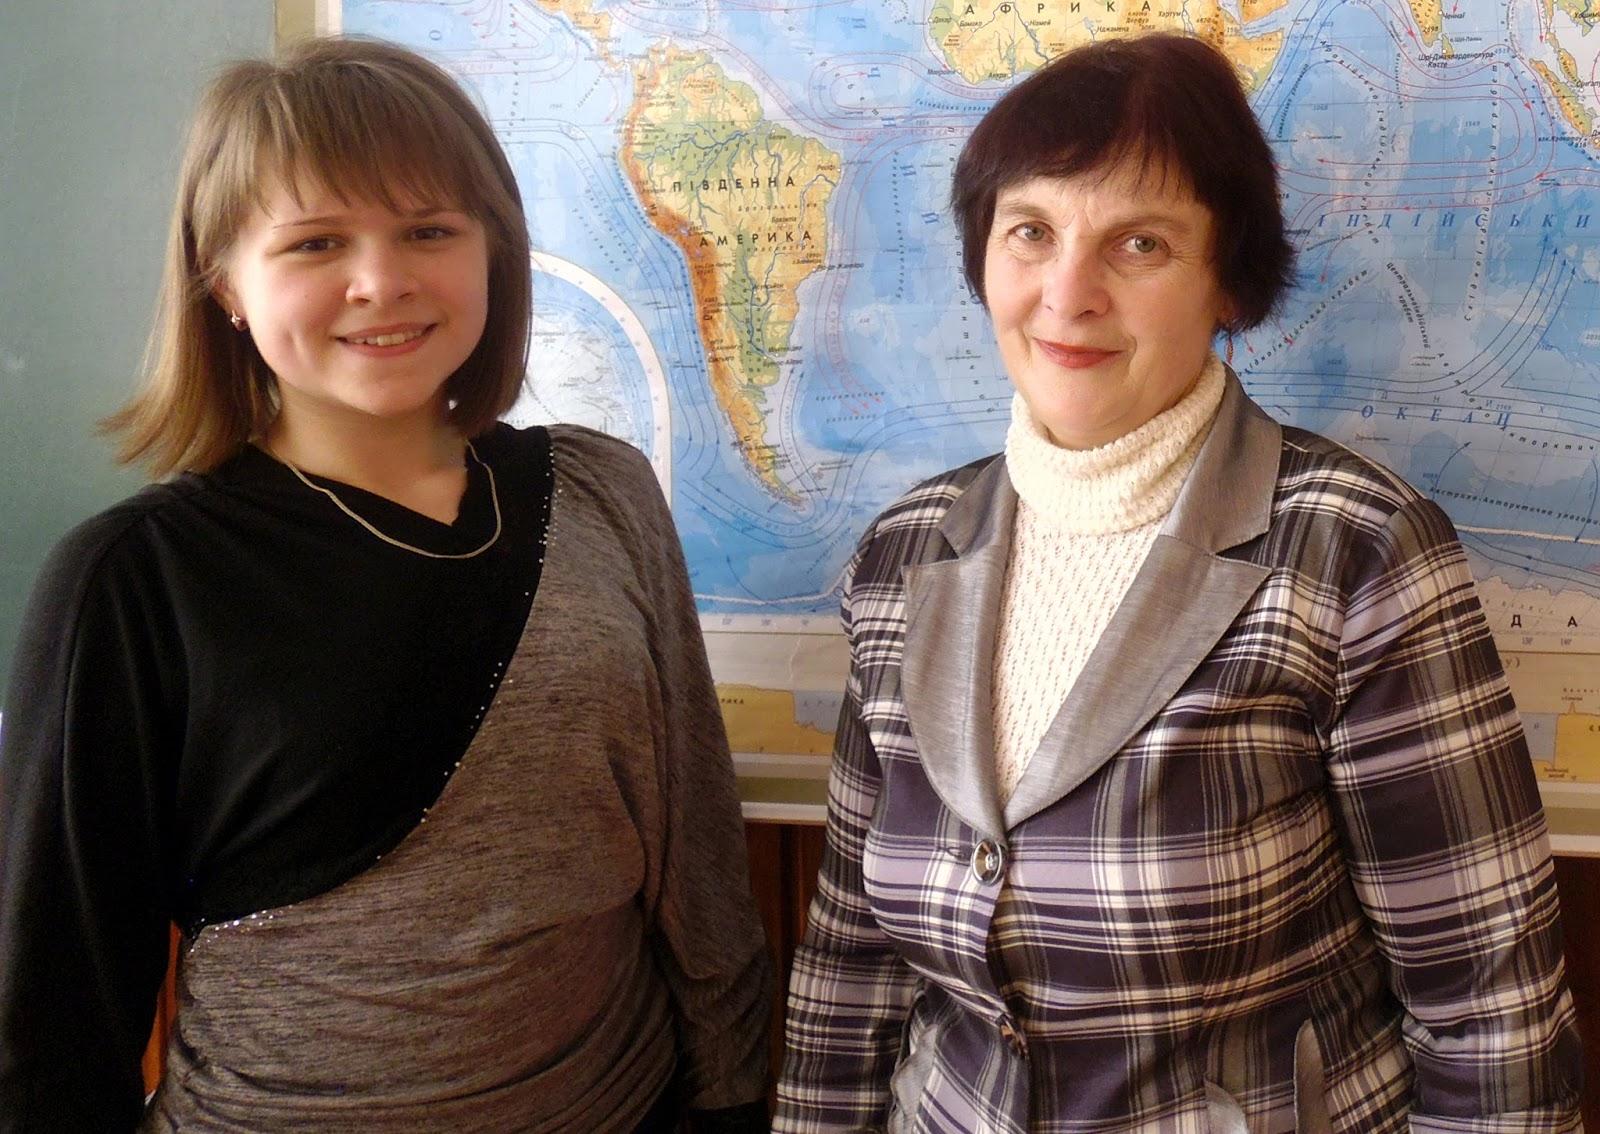 Школярка розповідає як її трахає учитель фото 418-581